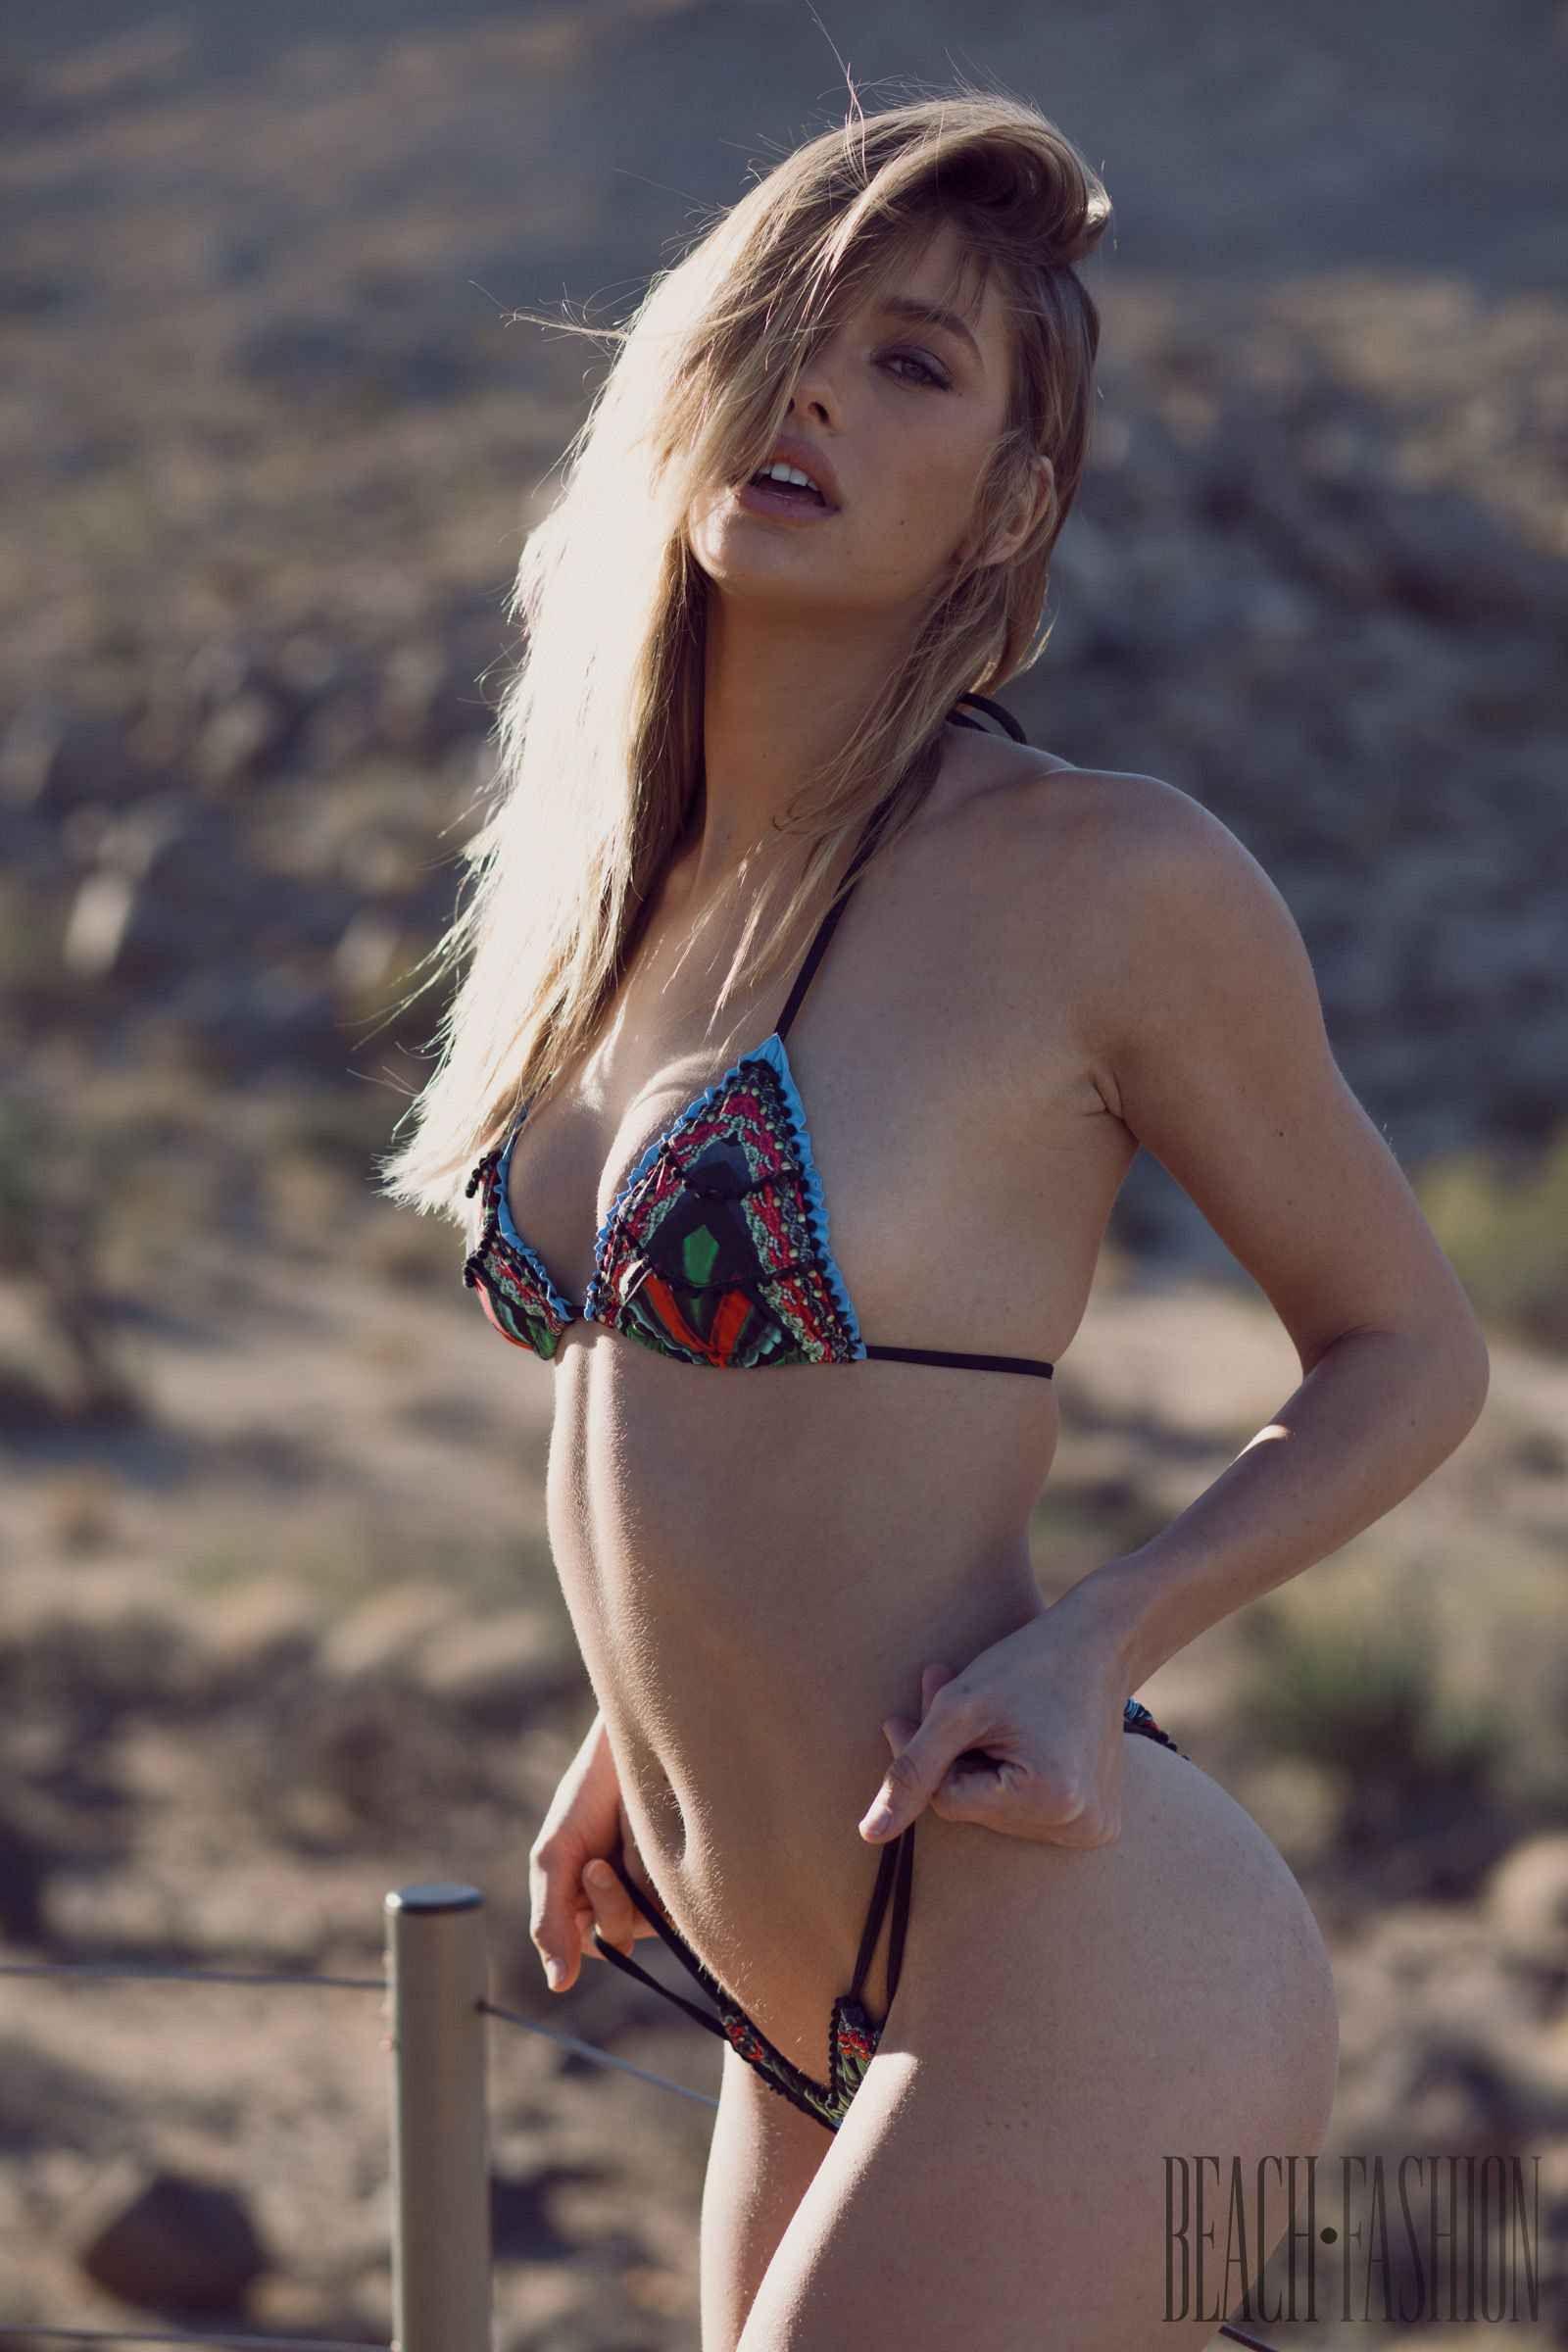 812d310f82f31 Aubrie Williams Ruffle Trim, Ruffles, Bikini Tops, Thong Bikini, Tie Styles,